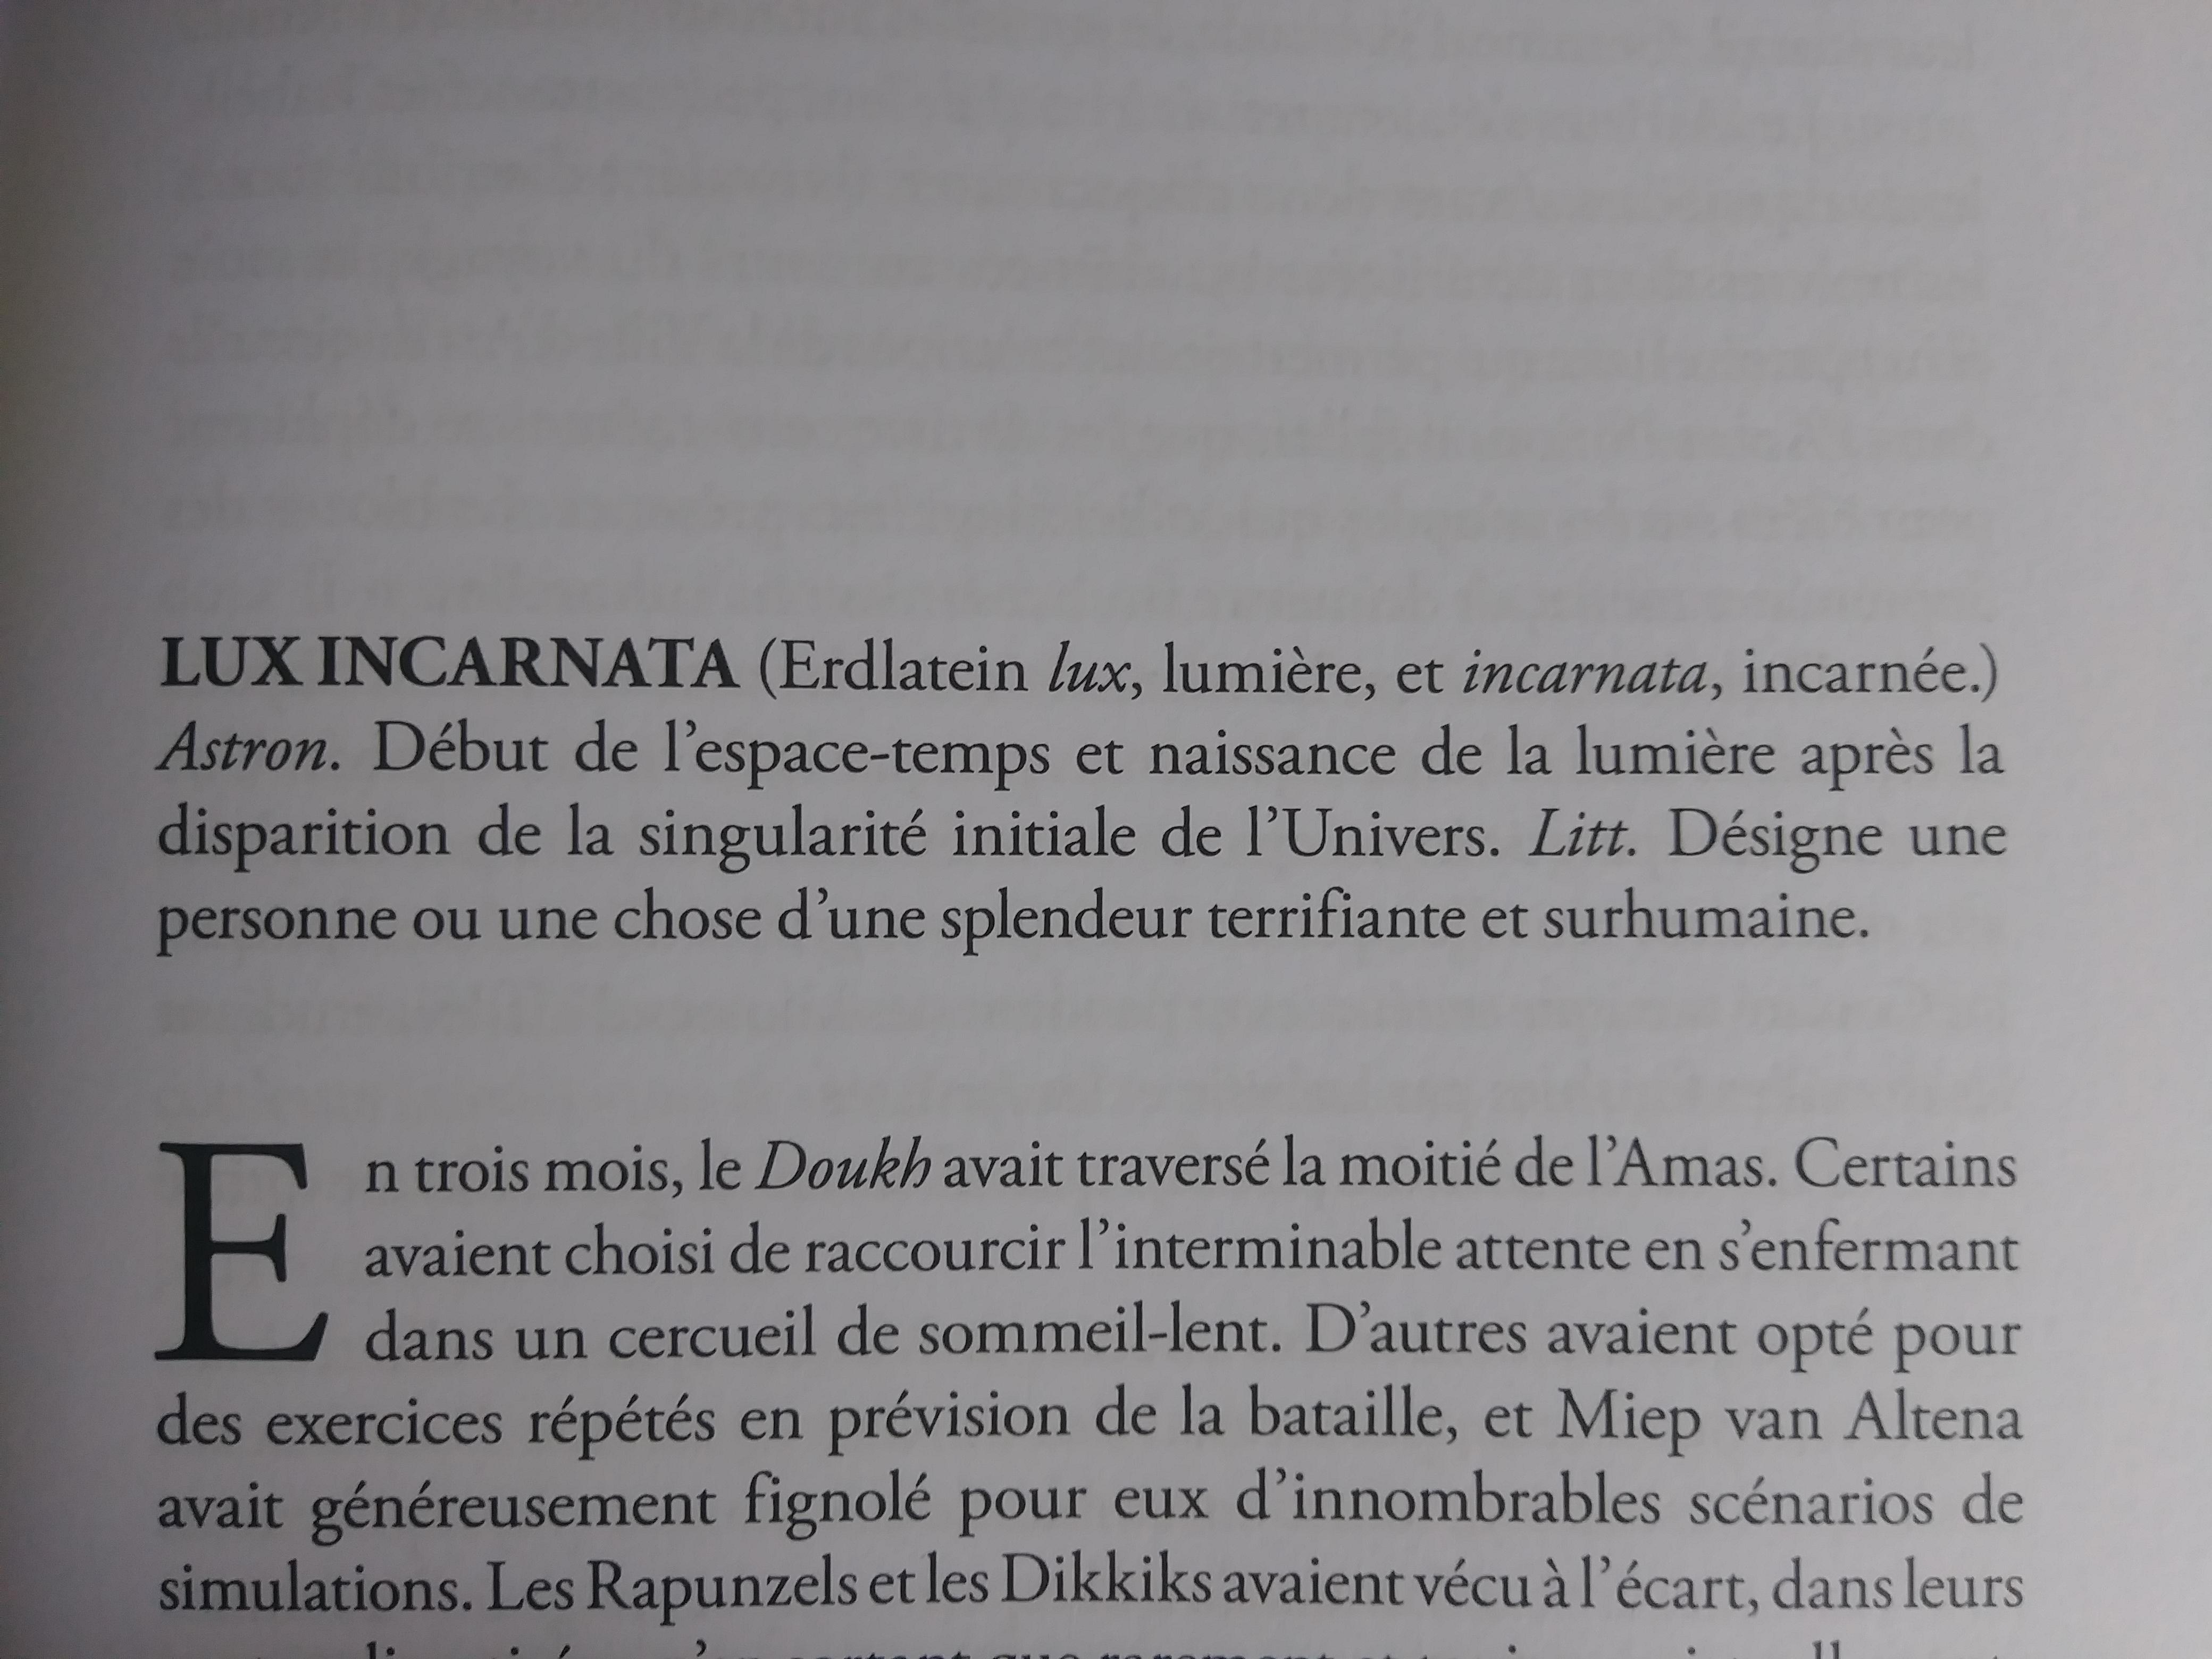 McALLISTER, Laurent, Suprématie, Paris, Bragelonne, 2009, p. 115.